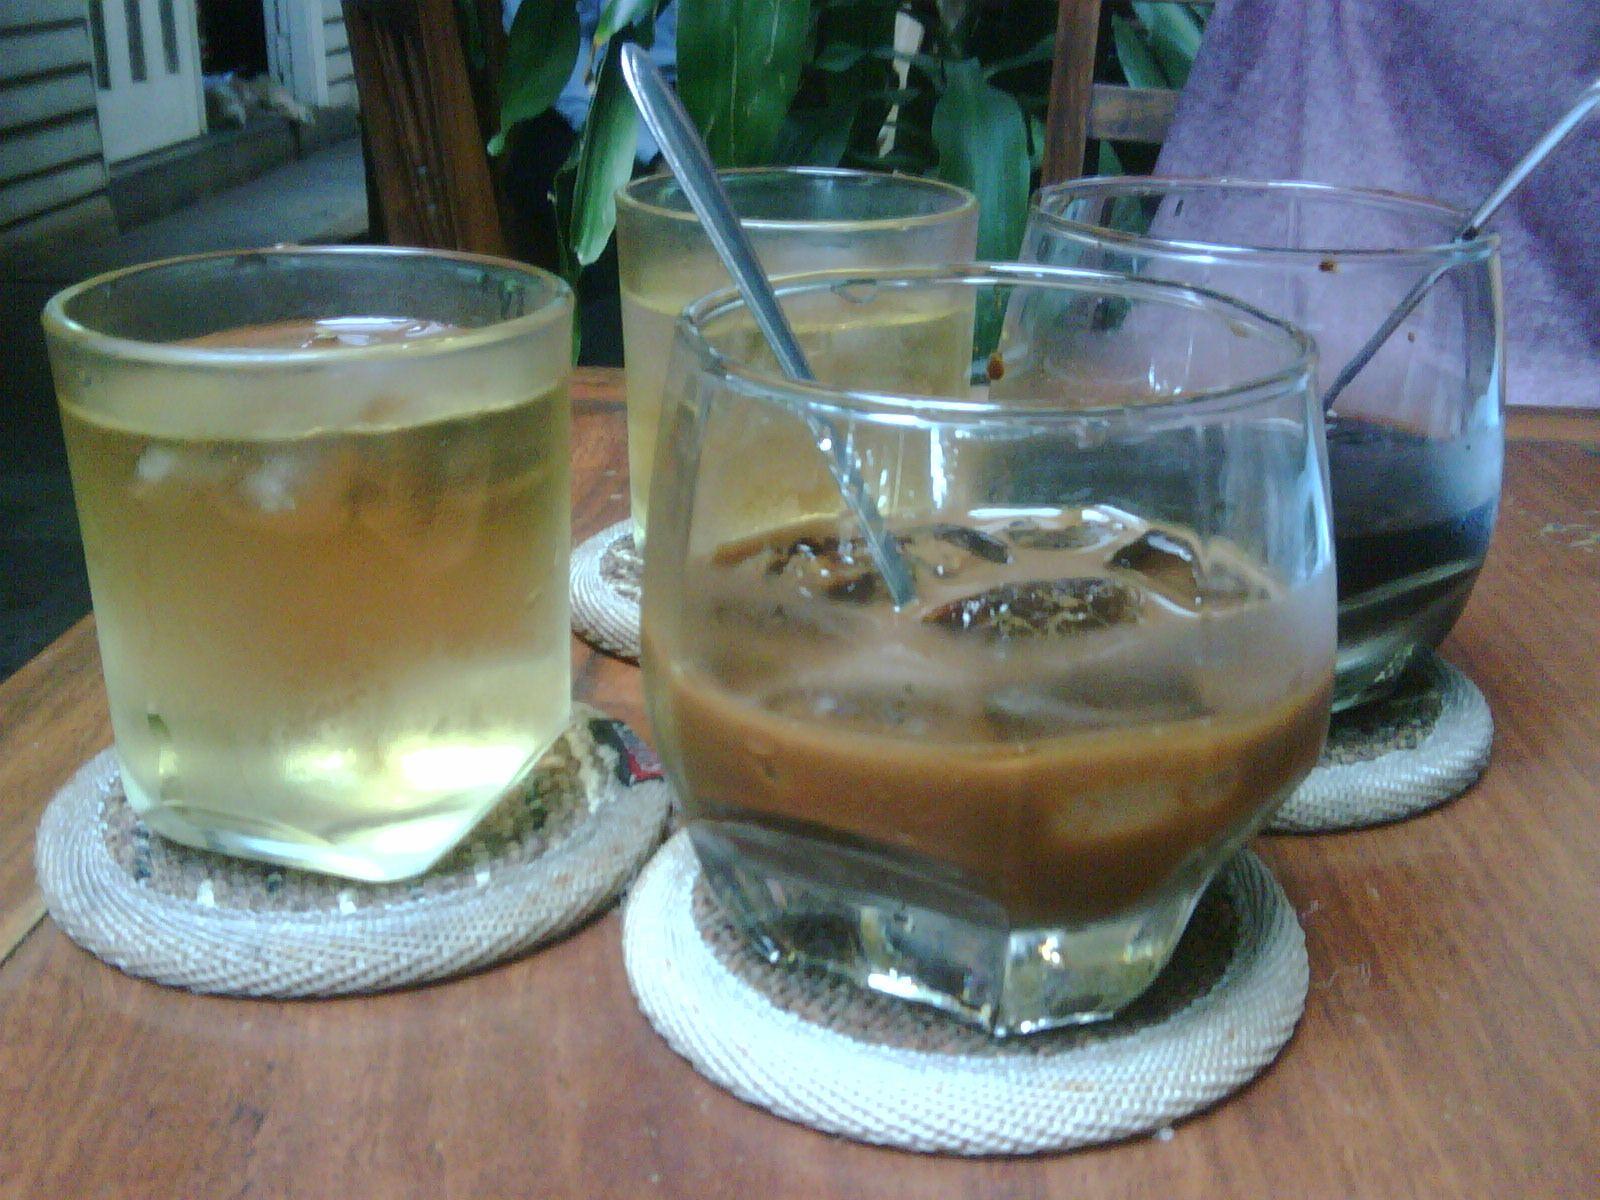 Cà phê quán Bâng Khuâng 1957. Du lịch Đắk Lắk -hành trình xuyên Việt